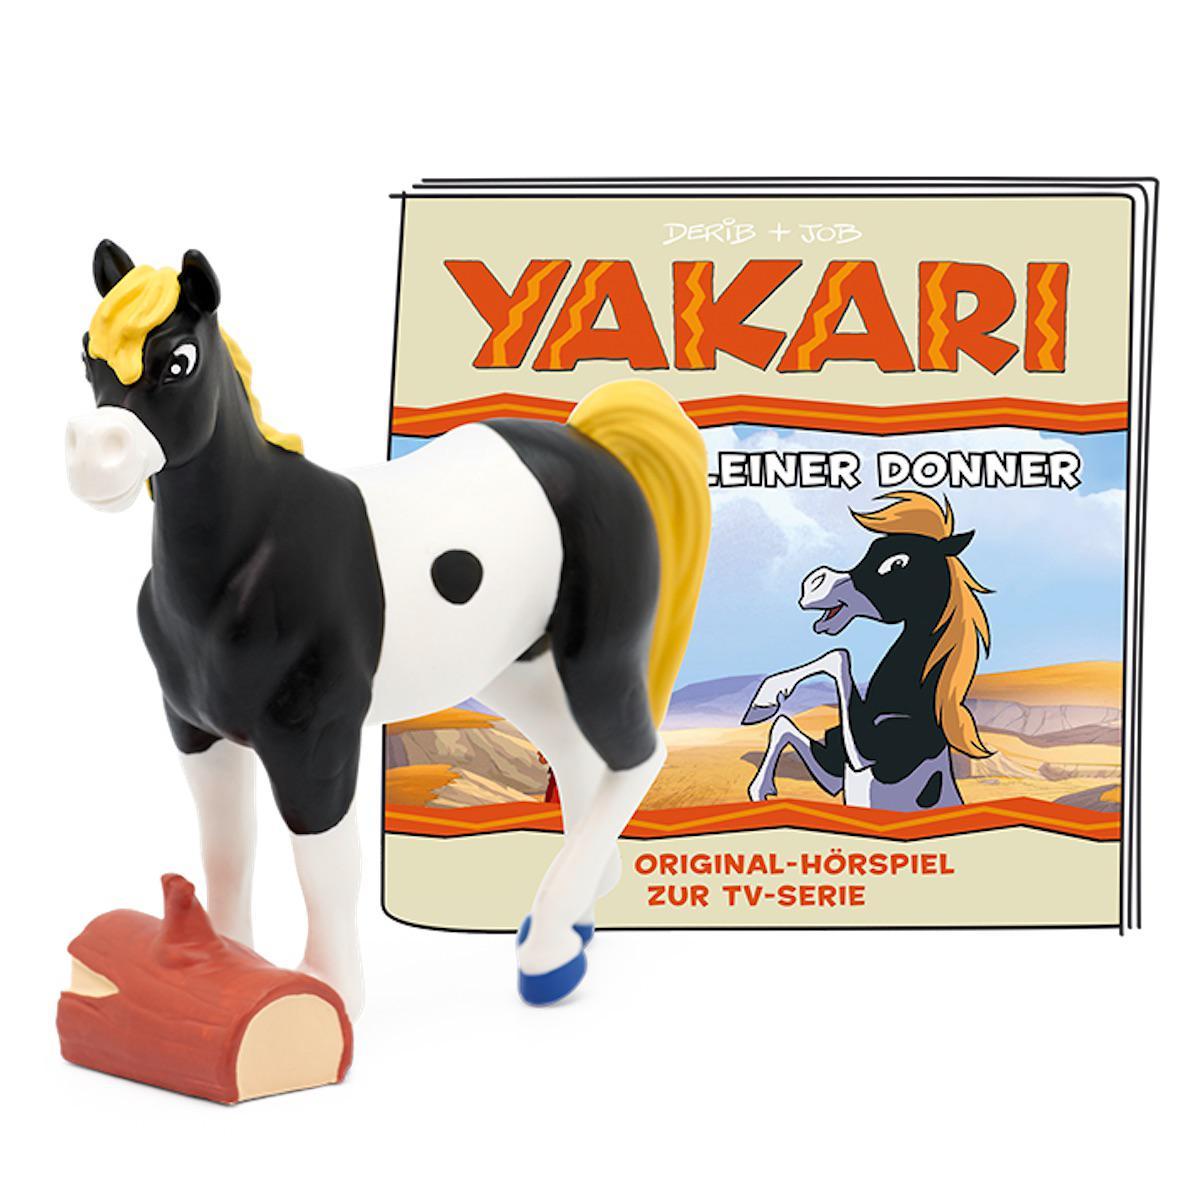 Hörspielfigur Yakari Best of kleiner Donner